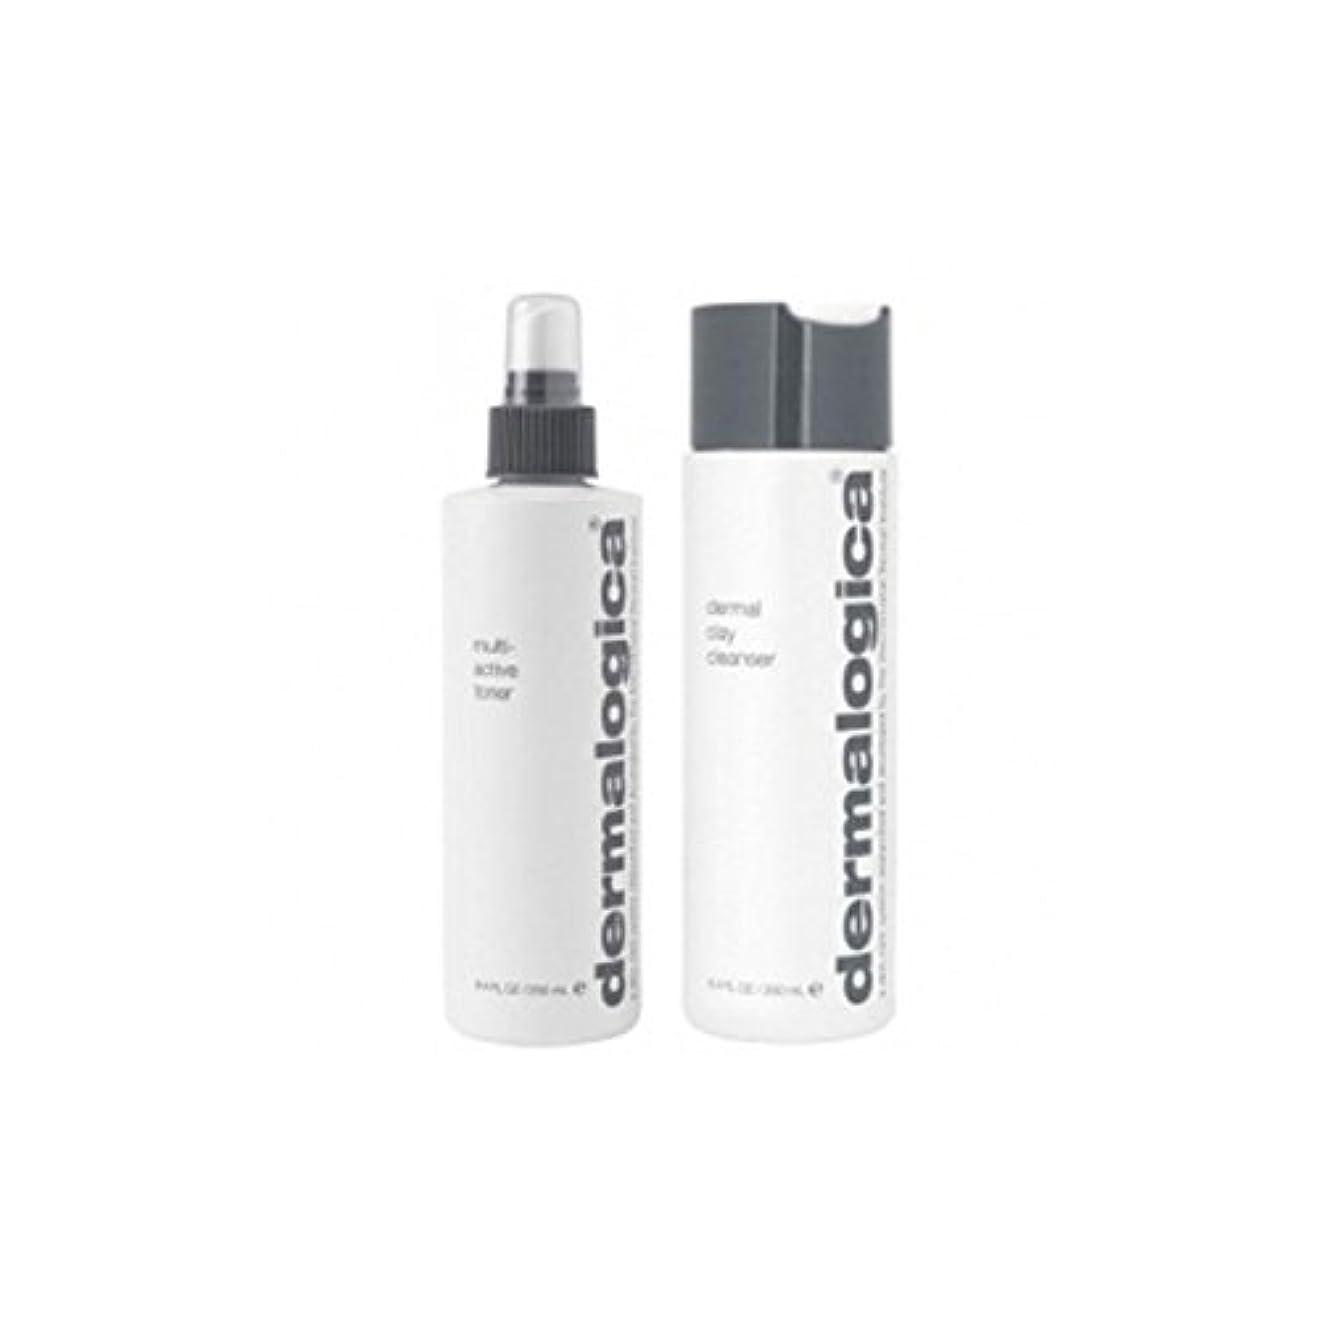 ペット金属叱るダーマロジカクレンジング&トーンデュオ - 脂性肌(2製品) x4 - Dermalogica Cleanse & Tone Duo - Oily Skin (2 Products) (Pack of 4) [並行輸入品]